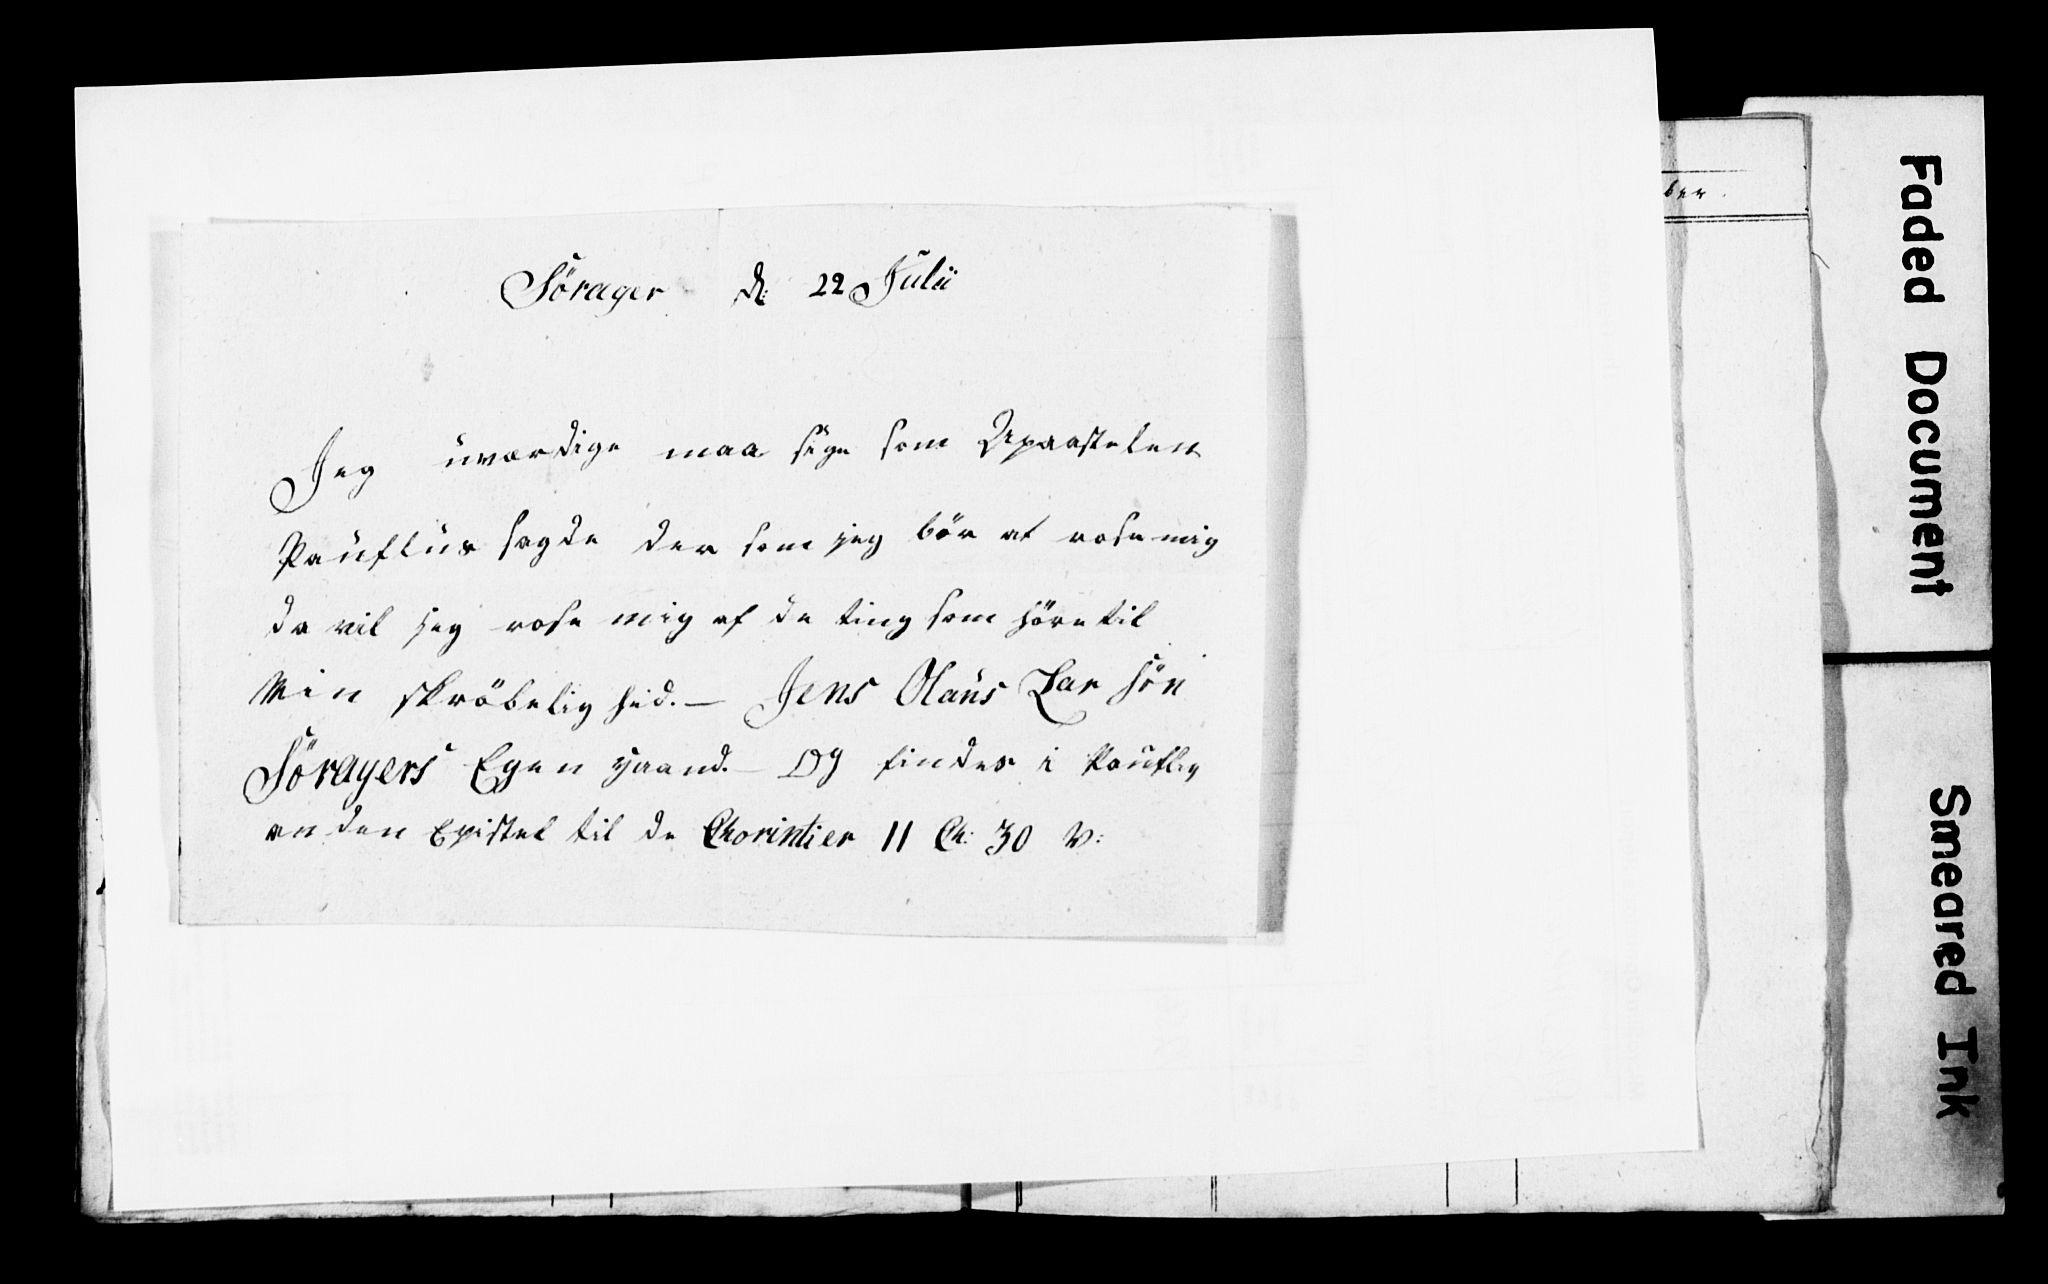 SAT, Kirkebok for Verdal prestegjeld 1809-1809 (1721P), 1809, s. upaginert